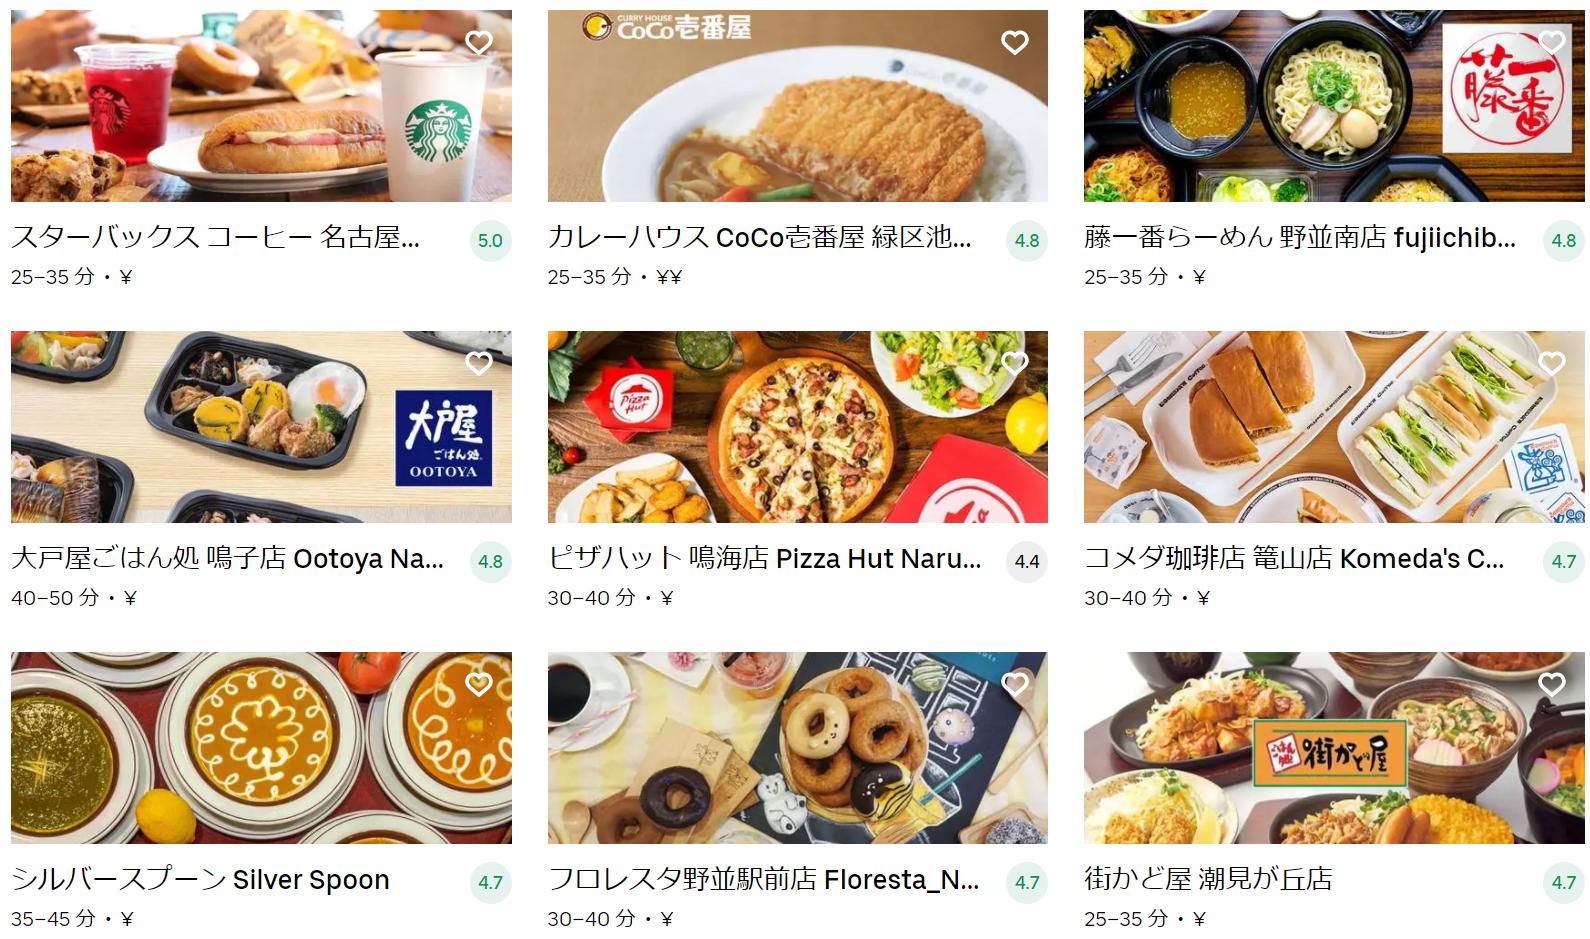 名古屋市緑区エリアのおすすめUber Eats(ウーバーイーツ)メニュー